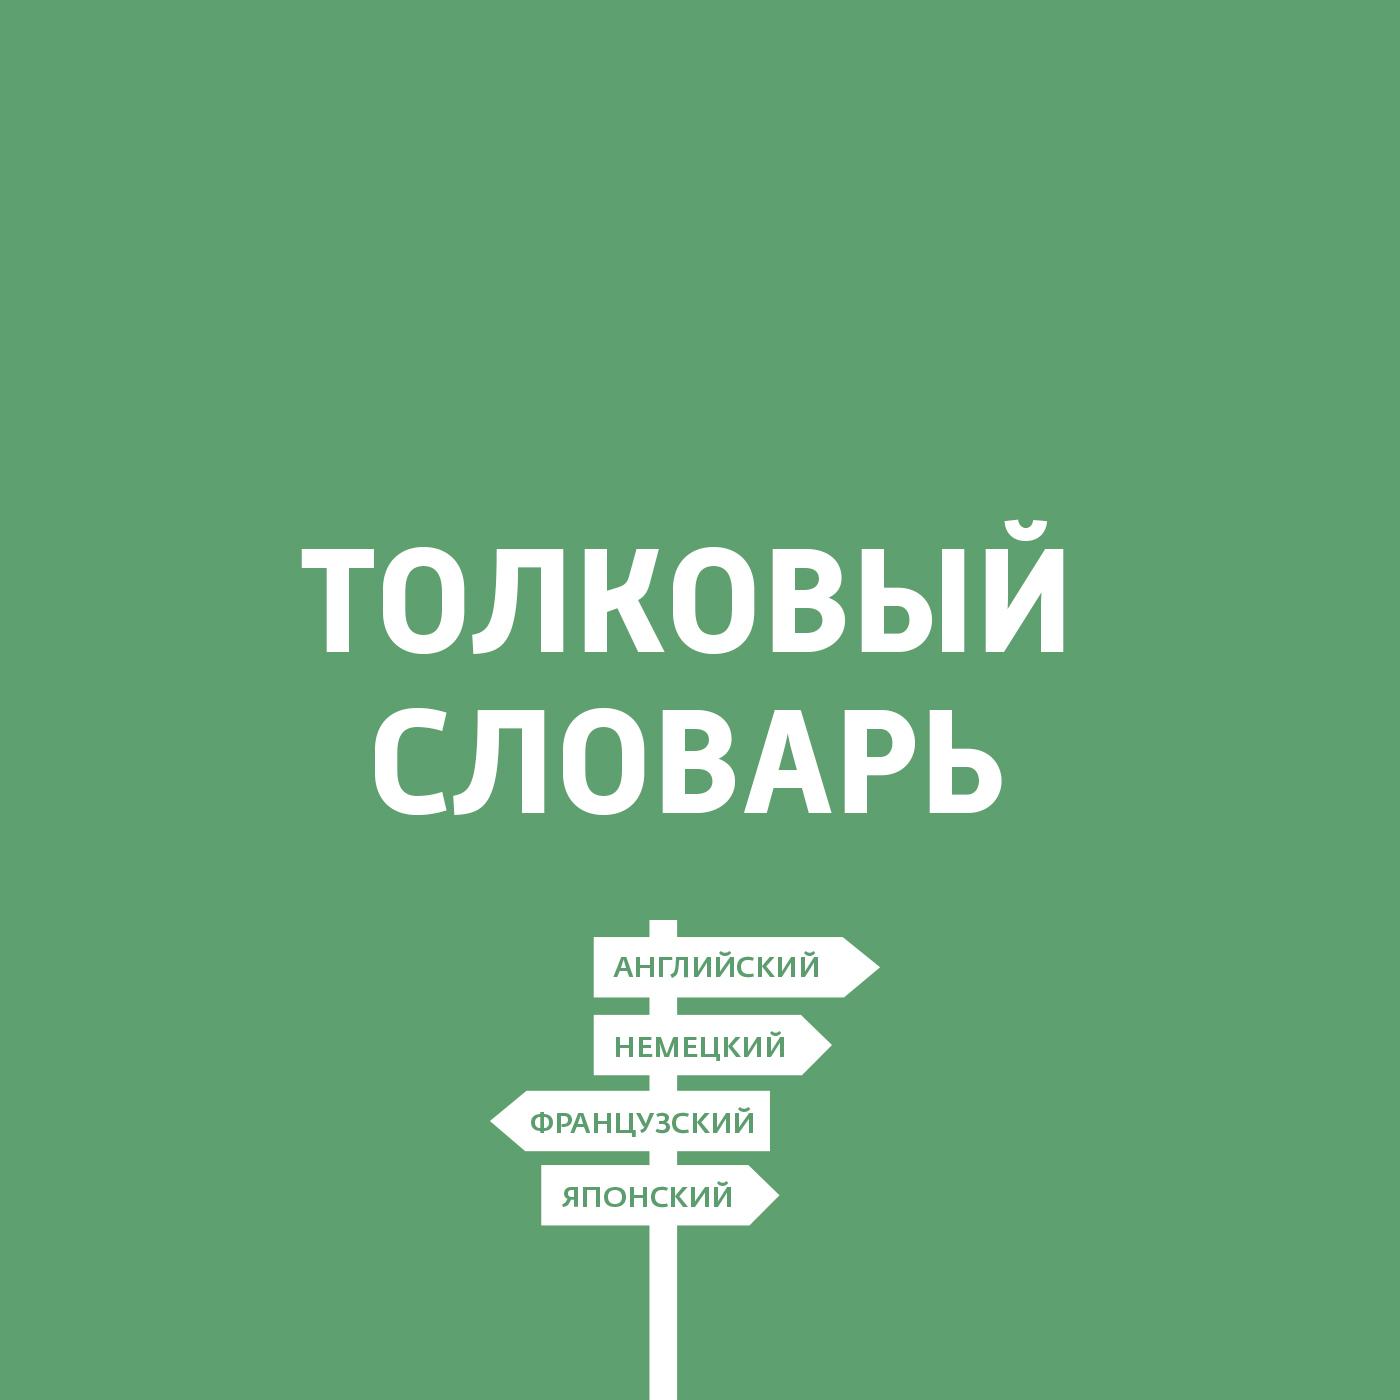 Дмитрий Петров Греческие языки